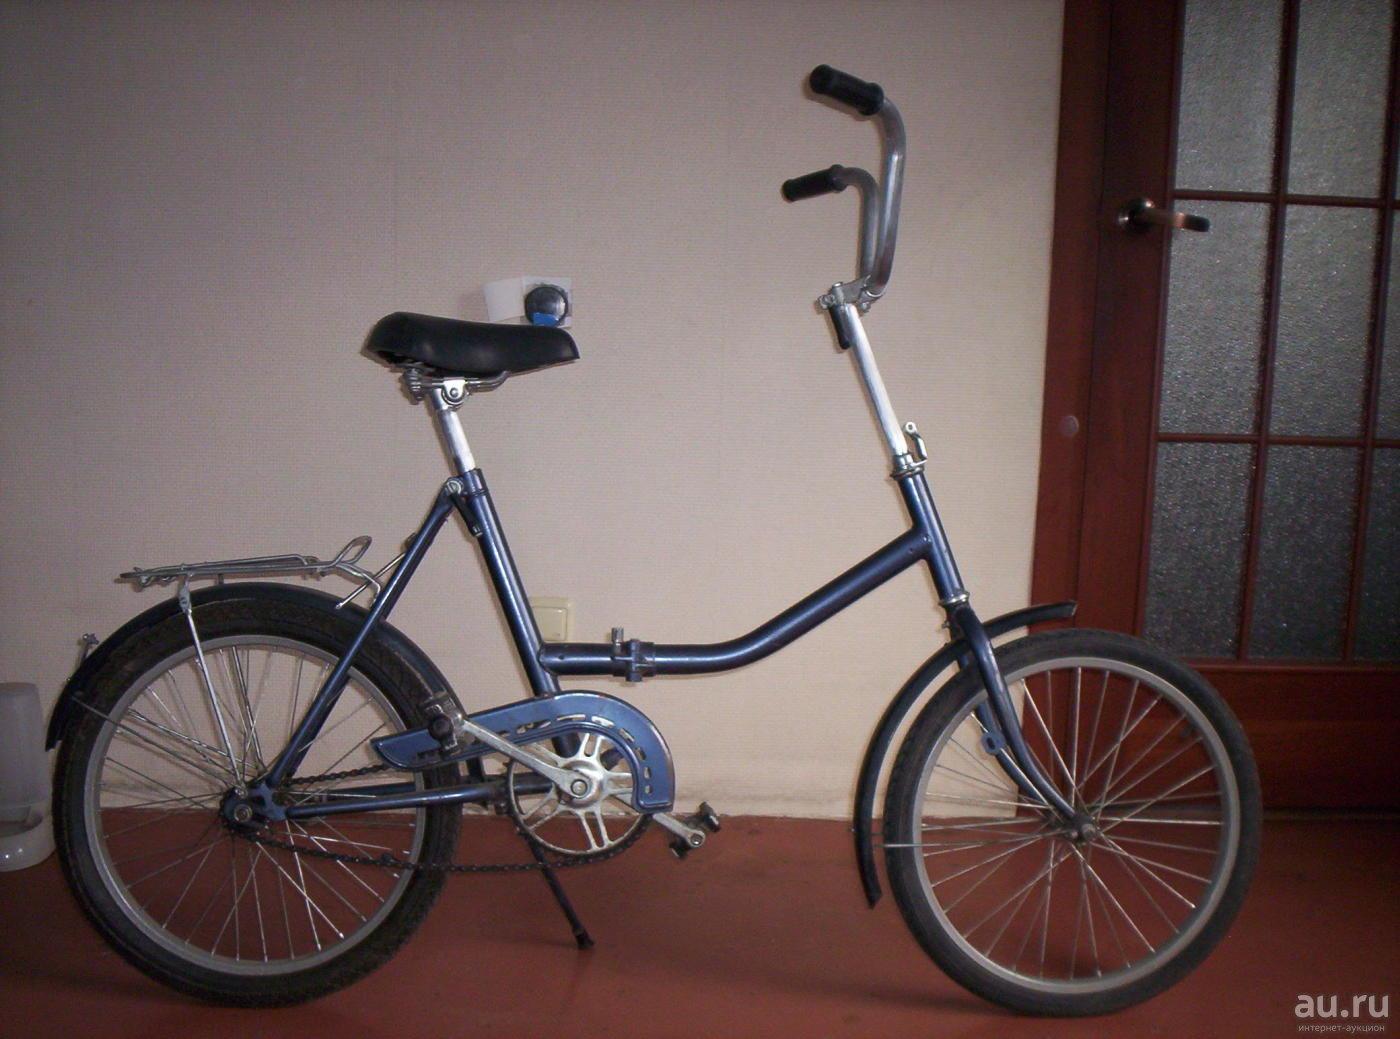 Велосипеды «кама»: особенности и виды